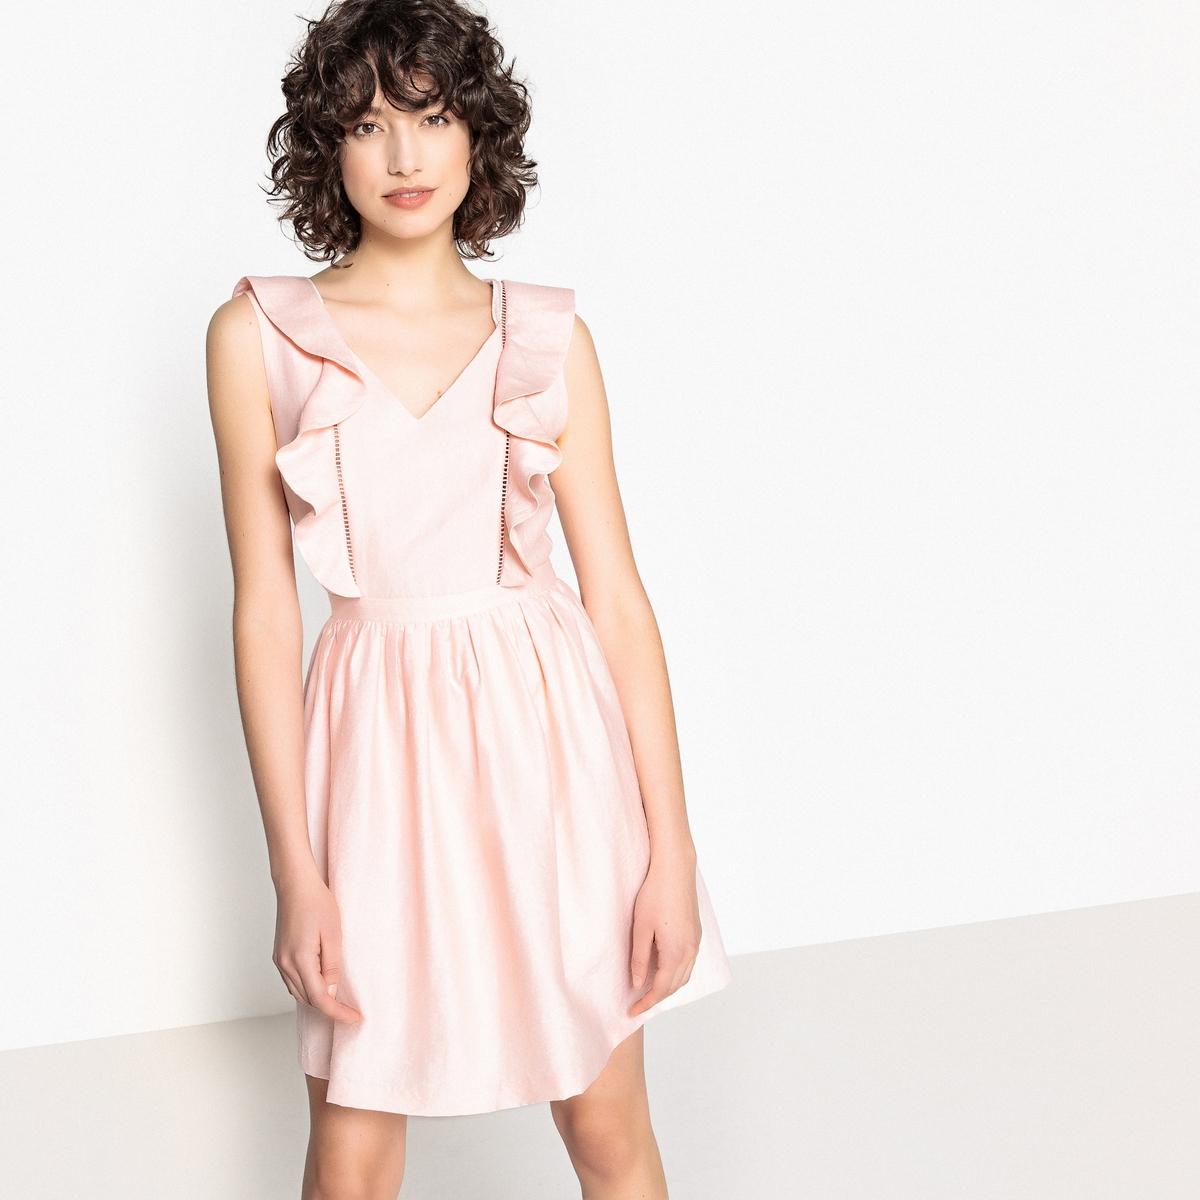 Платье прямое с V-образным вырезом и воланами, без рукавов lovaru ™ 2015 летний стиль женщин моды платье без рукавов мини v образным вырезом высокое качество мягкие и удобные платья горячей продажи